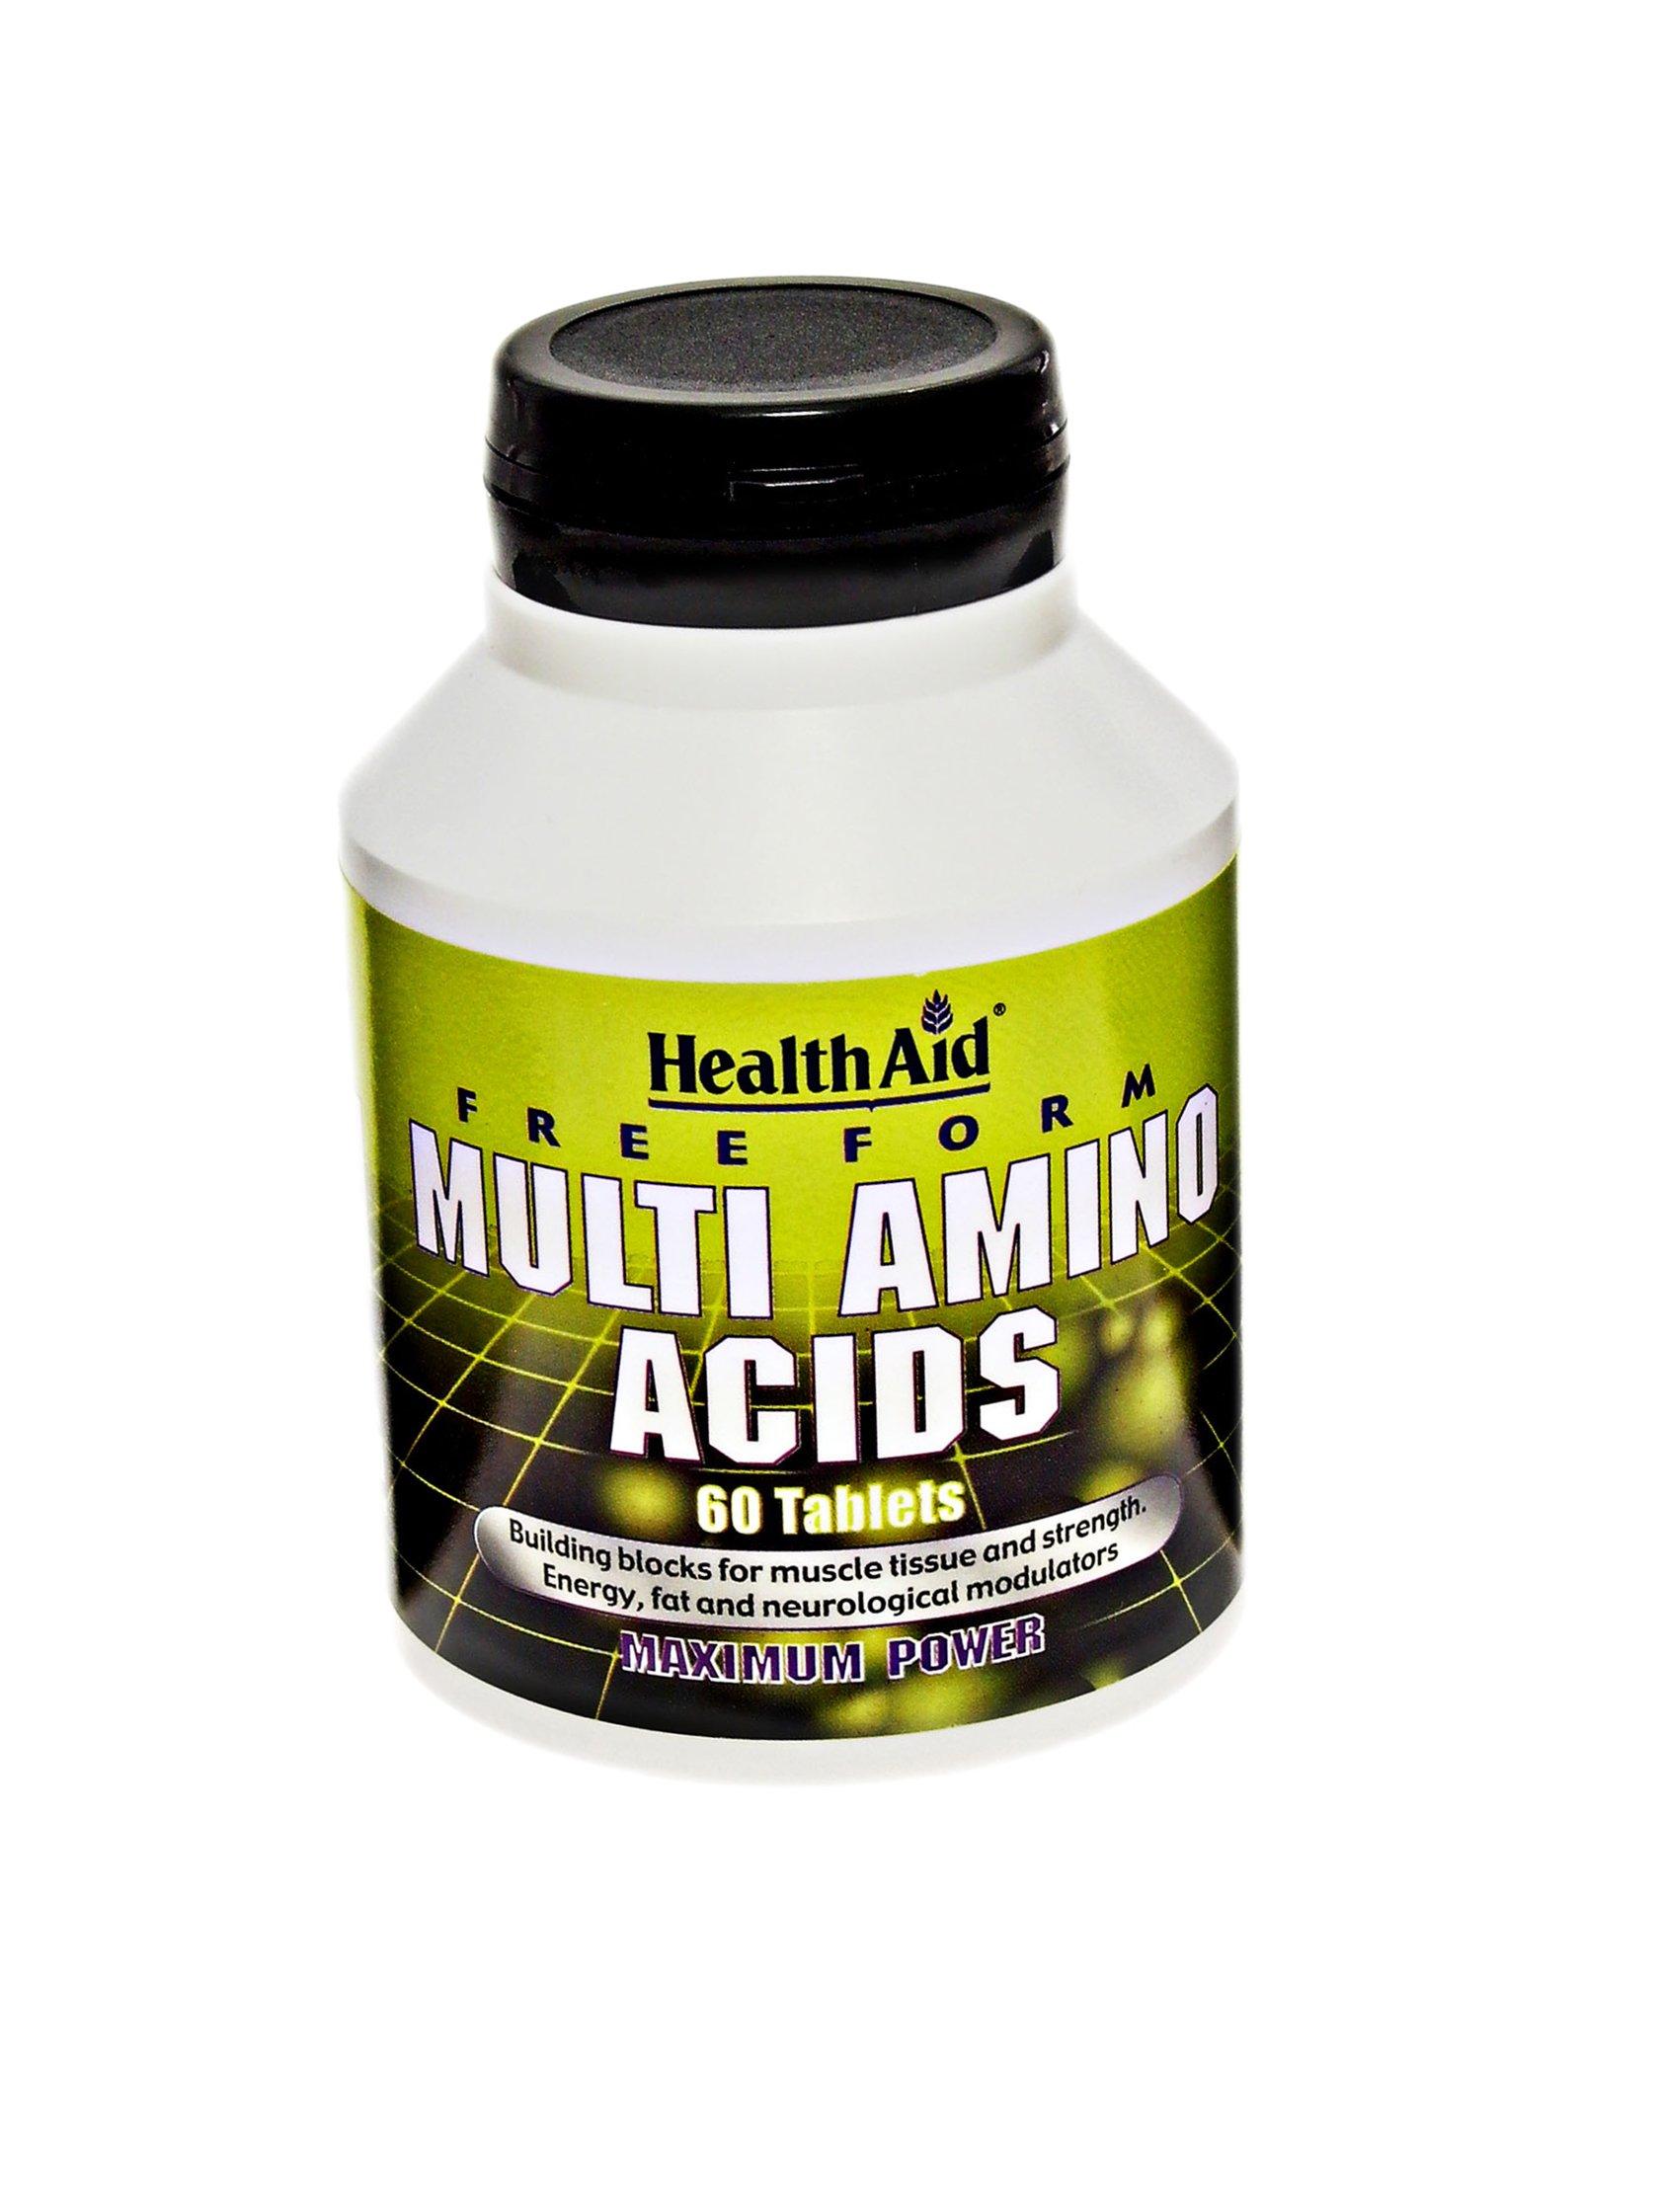 HealthAid Free Form Multi Amino Acids – 60 Tablets